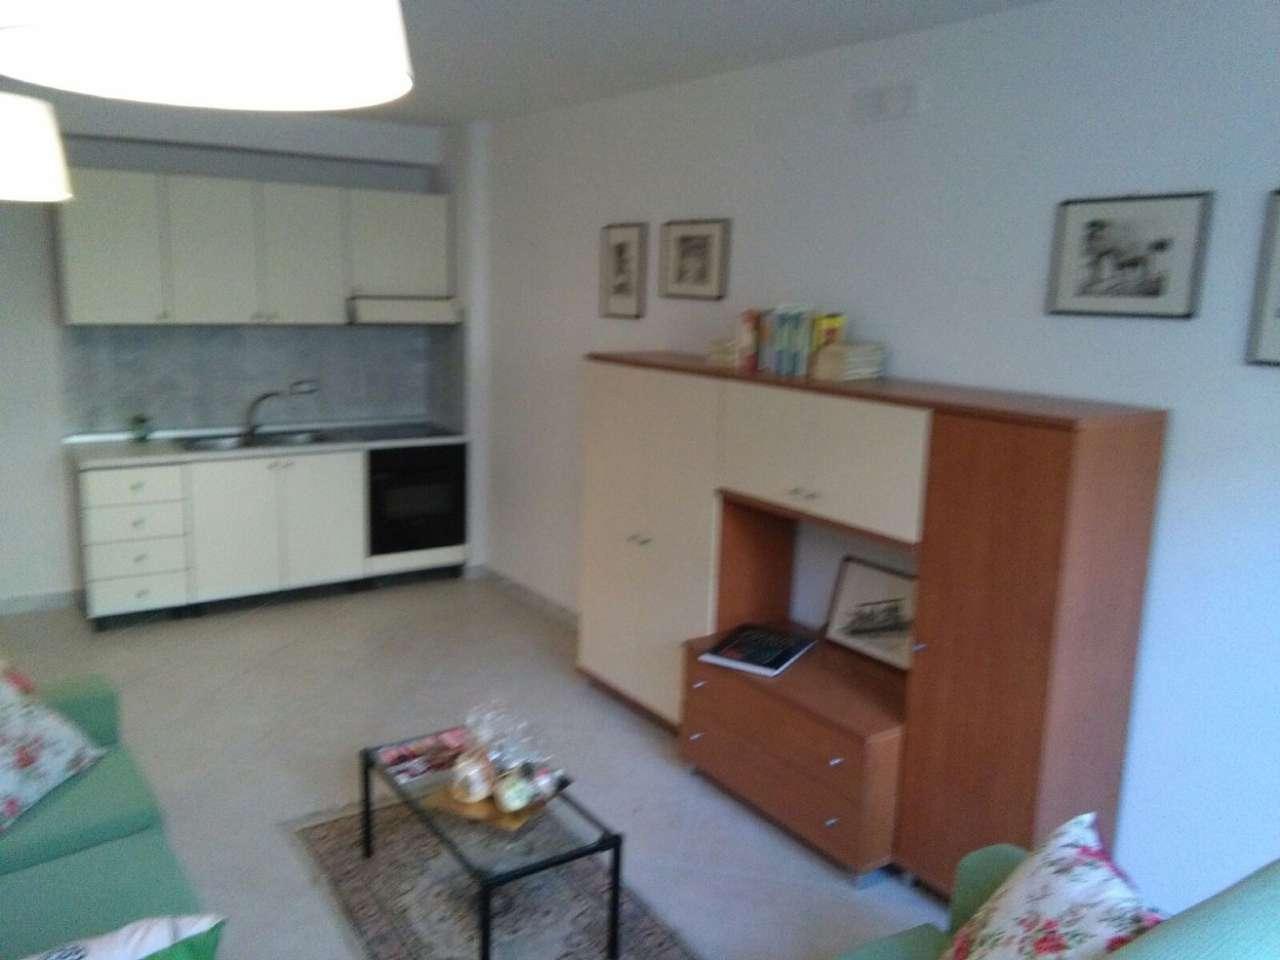 Appartamento in affitto a Caserta, 2 locali, prezzo € 370 | Cambio Casa.it